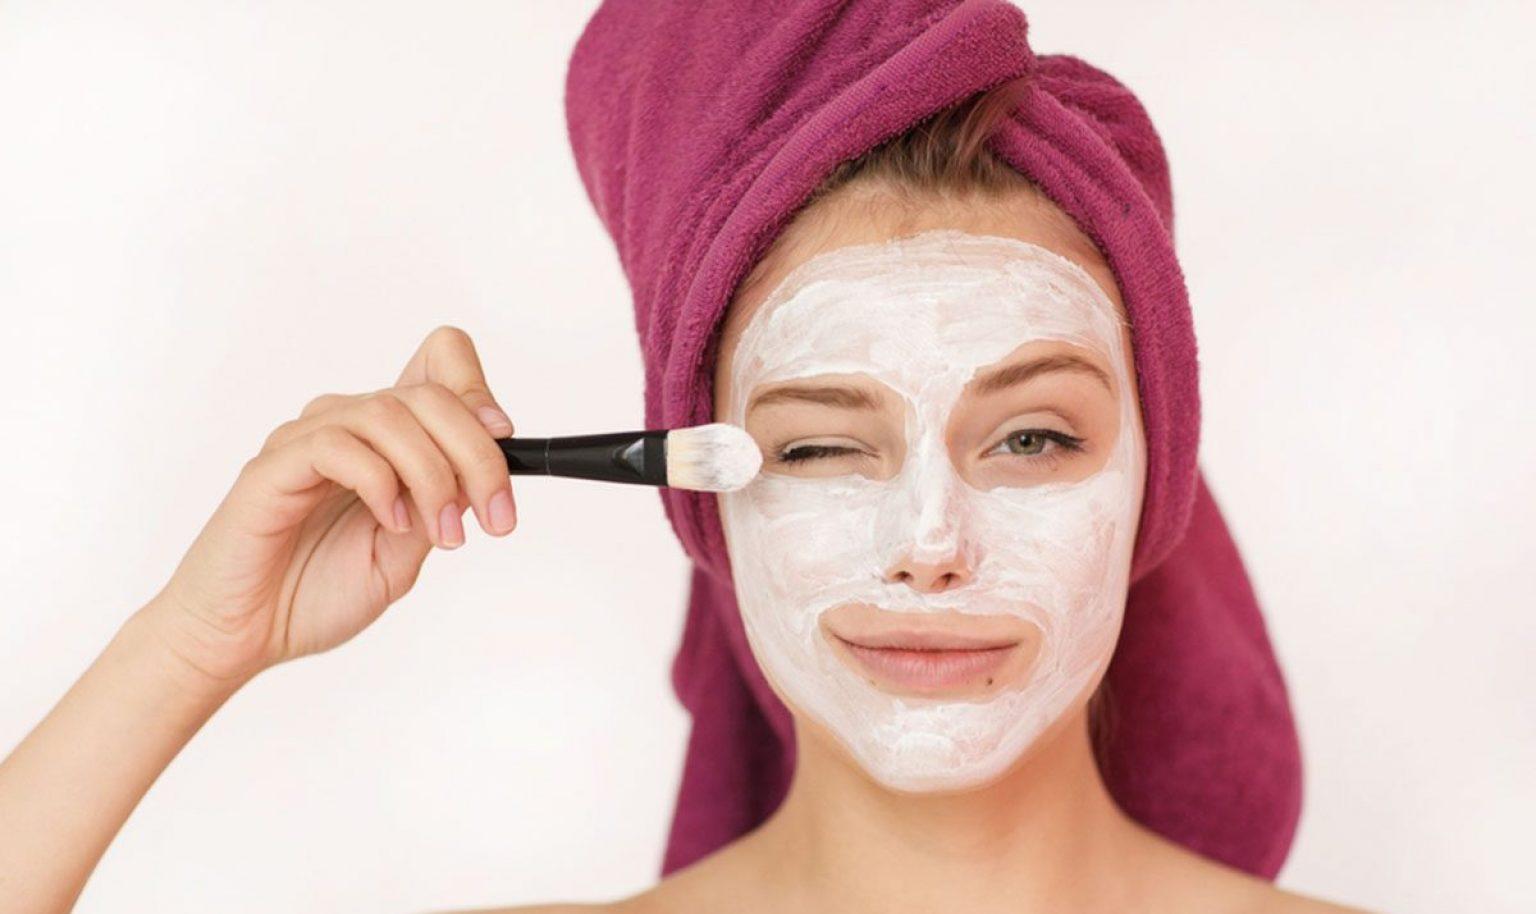 ۵ ماسک لایه بردار خانگی درخشان کننده و ارزان